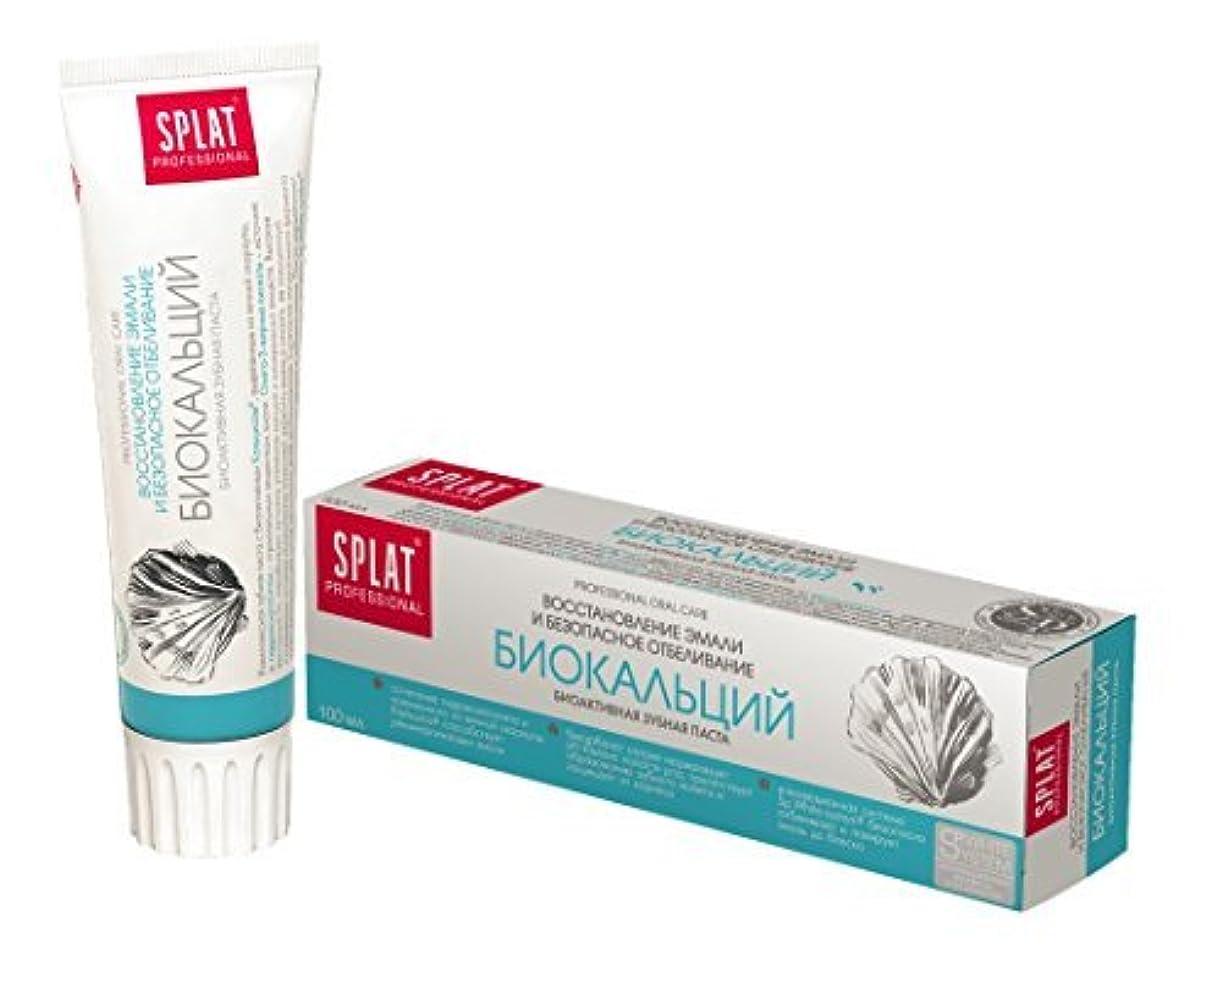 ピービッシュシリンダー特派員Toothpaste Splat Biocalcium Restores Enamel and Safe Whitening 100ml by Splat